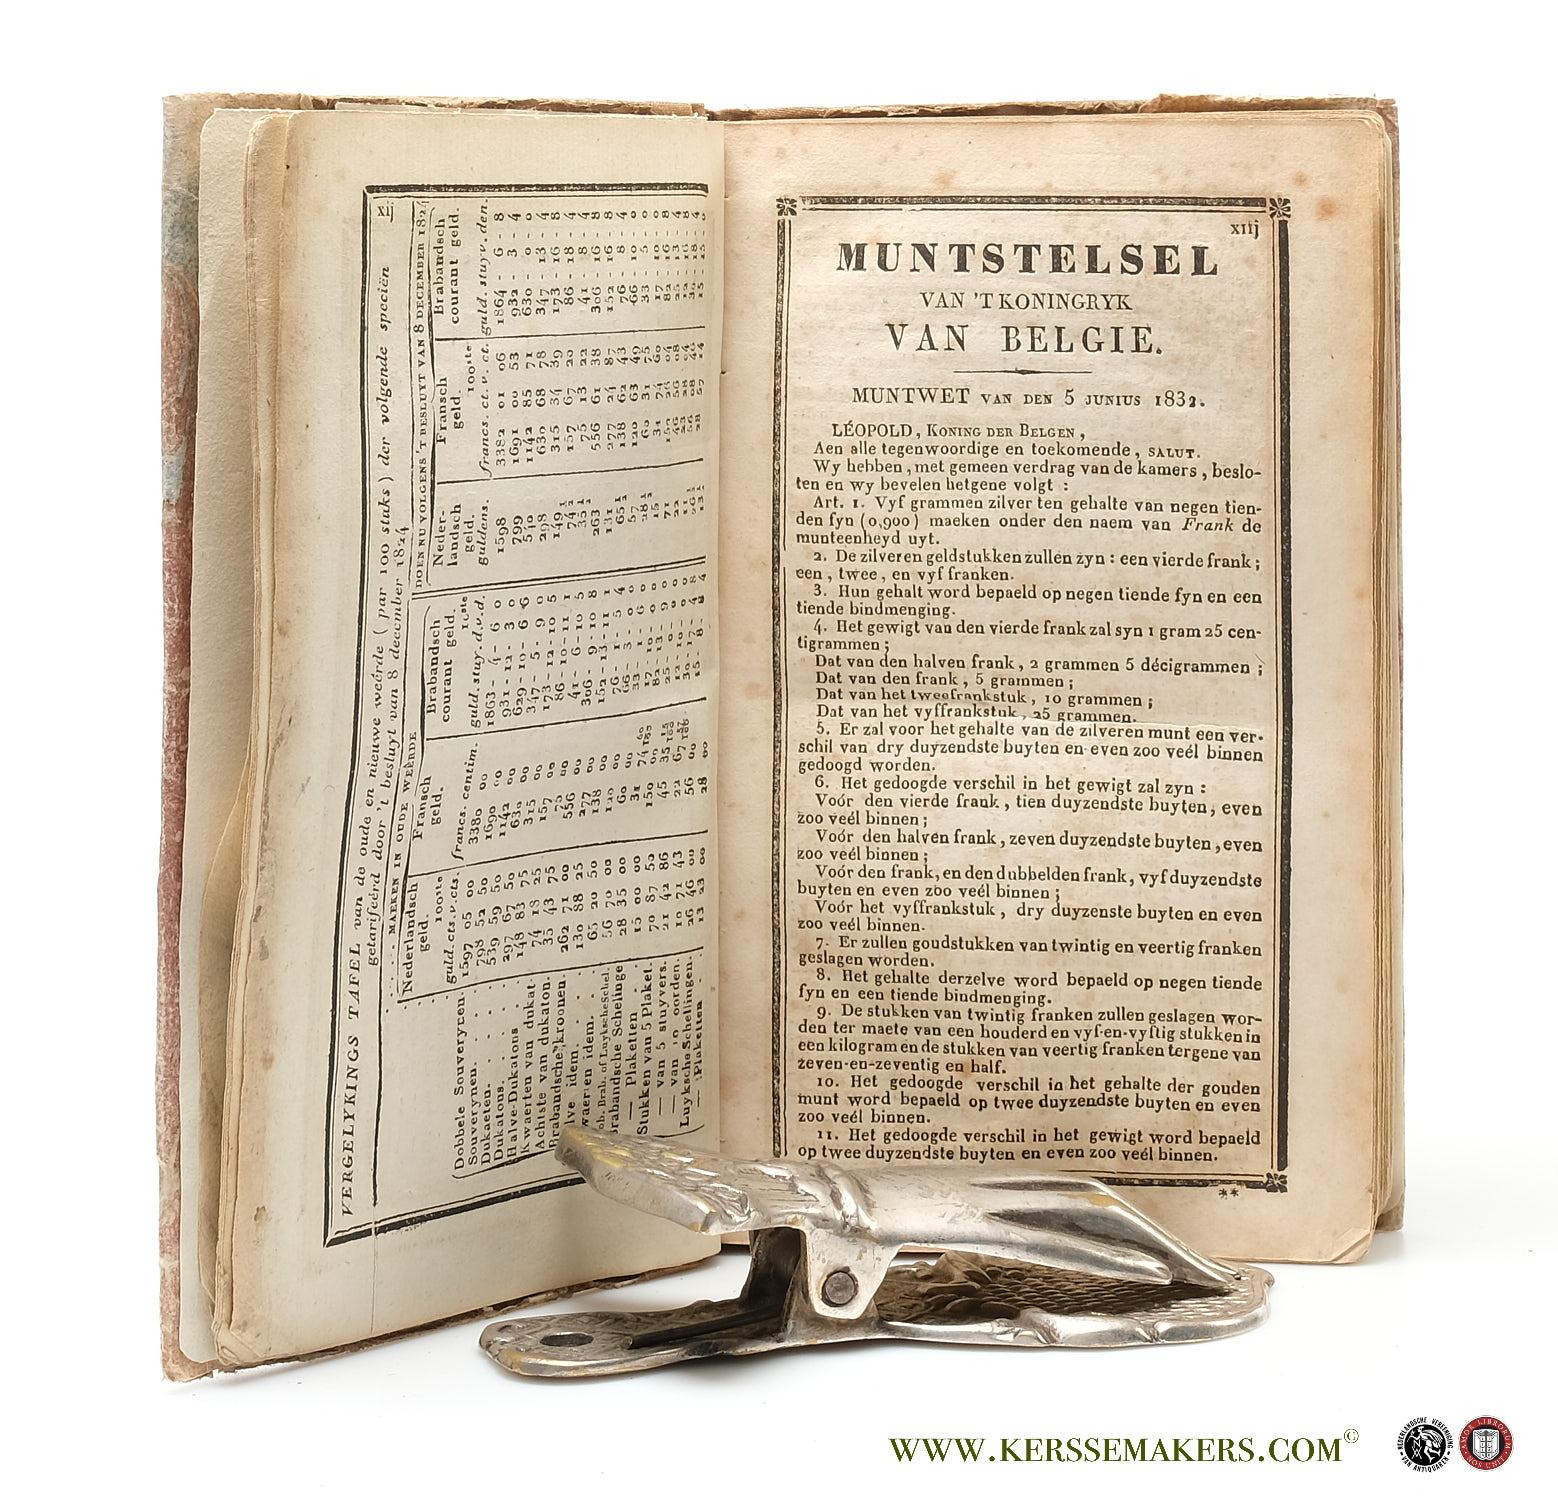 (COLLECTIF) - Algemeynen tarief, of Gemaekte rekeningen, tot het doen en ontfangen van betaelingen in Nederlandsch, Brabandsch, Hollandsch, Luyksch, Luxembourgsch, Fransch, Duytsch, en Engelsch geld, Uytgerekend volgens de wet van 28 september 1816, de decreéten van 18 augustus, 12 september 1810 en 30 november 1811, het besluyt van 22 november 1823, en eyndelyk het koninglyk besluyt van 8 december 1824. Waer by gevoegd: 1. Tafels van oude en vremde geld-specien; 2. Tafel inhoudende de prys der Brusselsche el..; 3. Tafels van intrest; 4. Tarief der verscheydene zegels; 5. Tarief om de rekeningen te maeken van dag-loon of huere van dienstboden, kamers, meubelen, etc.; 6. Tafel nieuwe stelsel van maeten en gewigten; 7. Wederzydsche  uyttrekkingen van honderd ponden gewigt van verscheyde landen in Nederlandsche ponden; 8. Vergelykings tafel tusschen den prys van 't Nederlandsch pond met 't Brusselsch; 9. Onderrigtingen op de wisselbrieven en orderbriefkens; 10. Modellen van wisselbrieven, etc.; 11. Rekeningen van inkomsten of jaargelden per maand en per dag, etc. 12. Reductie der fransche specien dewelke in de publieke kassen mogen ontfangen worden à 46 3/4 cents per franc. Vierden druk, overzien en vermeerderd. Vercierd met afbeeldzels..